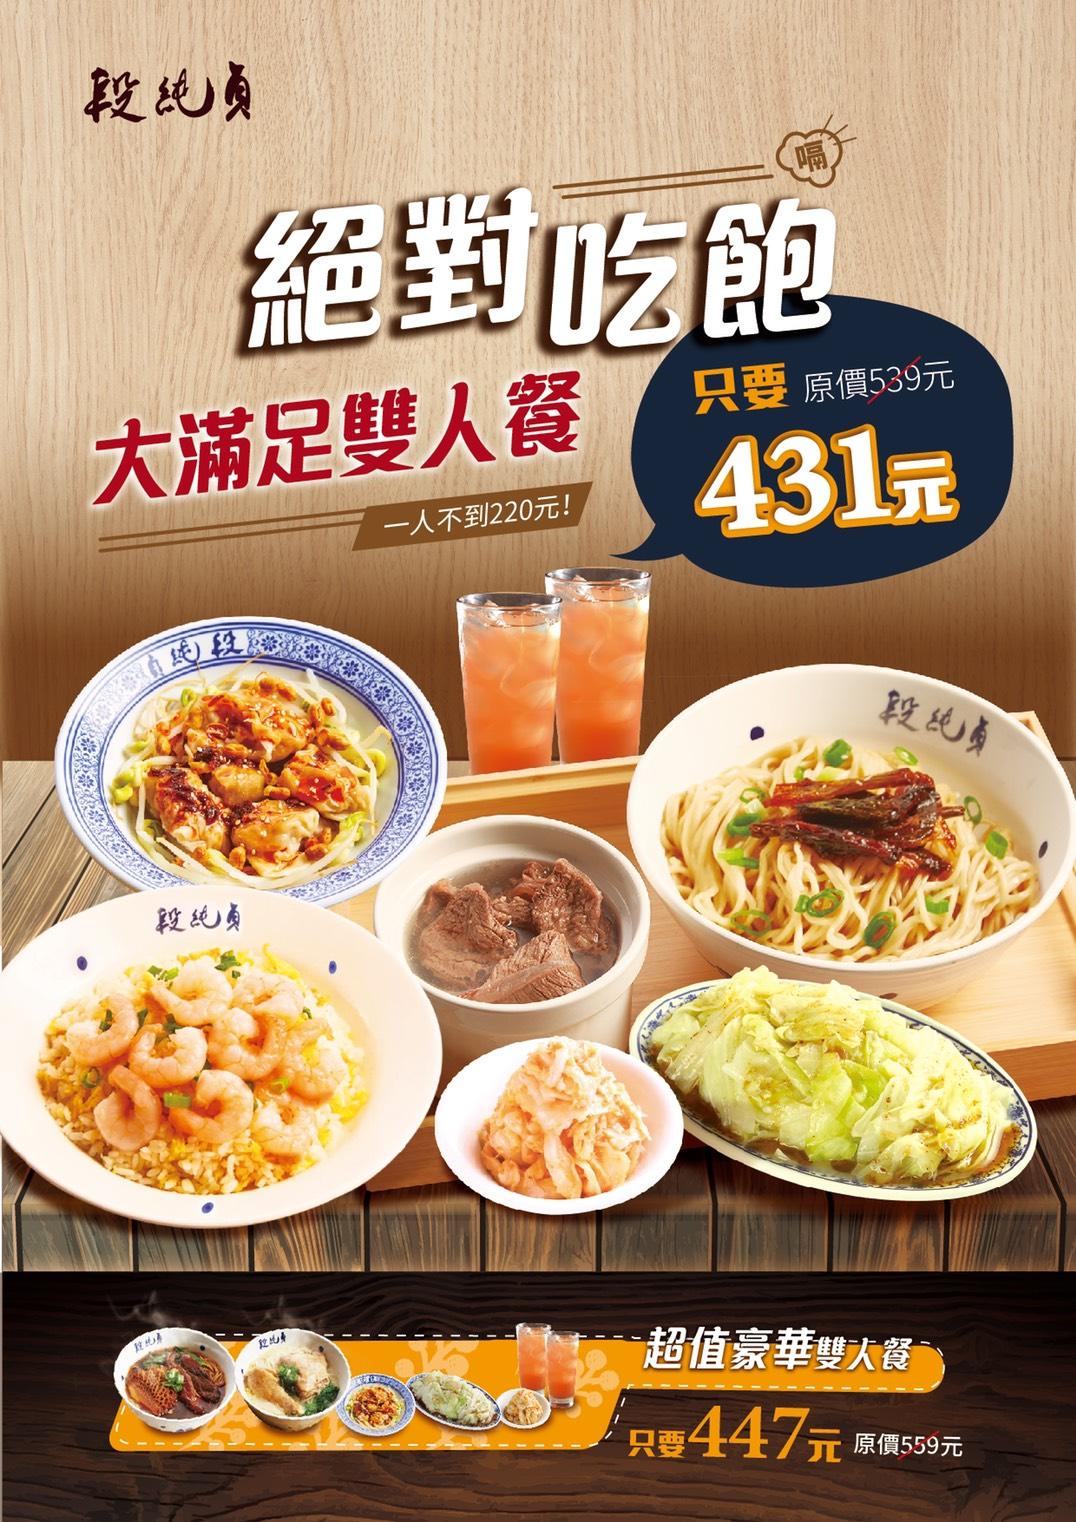 段純貞-絕對吃飽雙人餐8折優惠